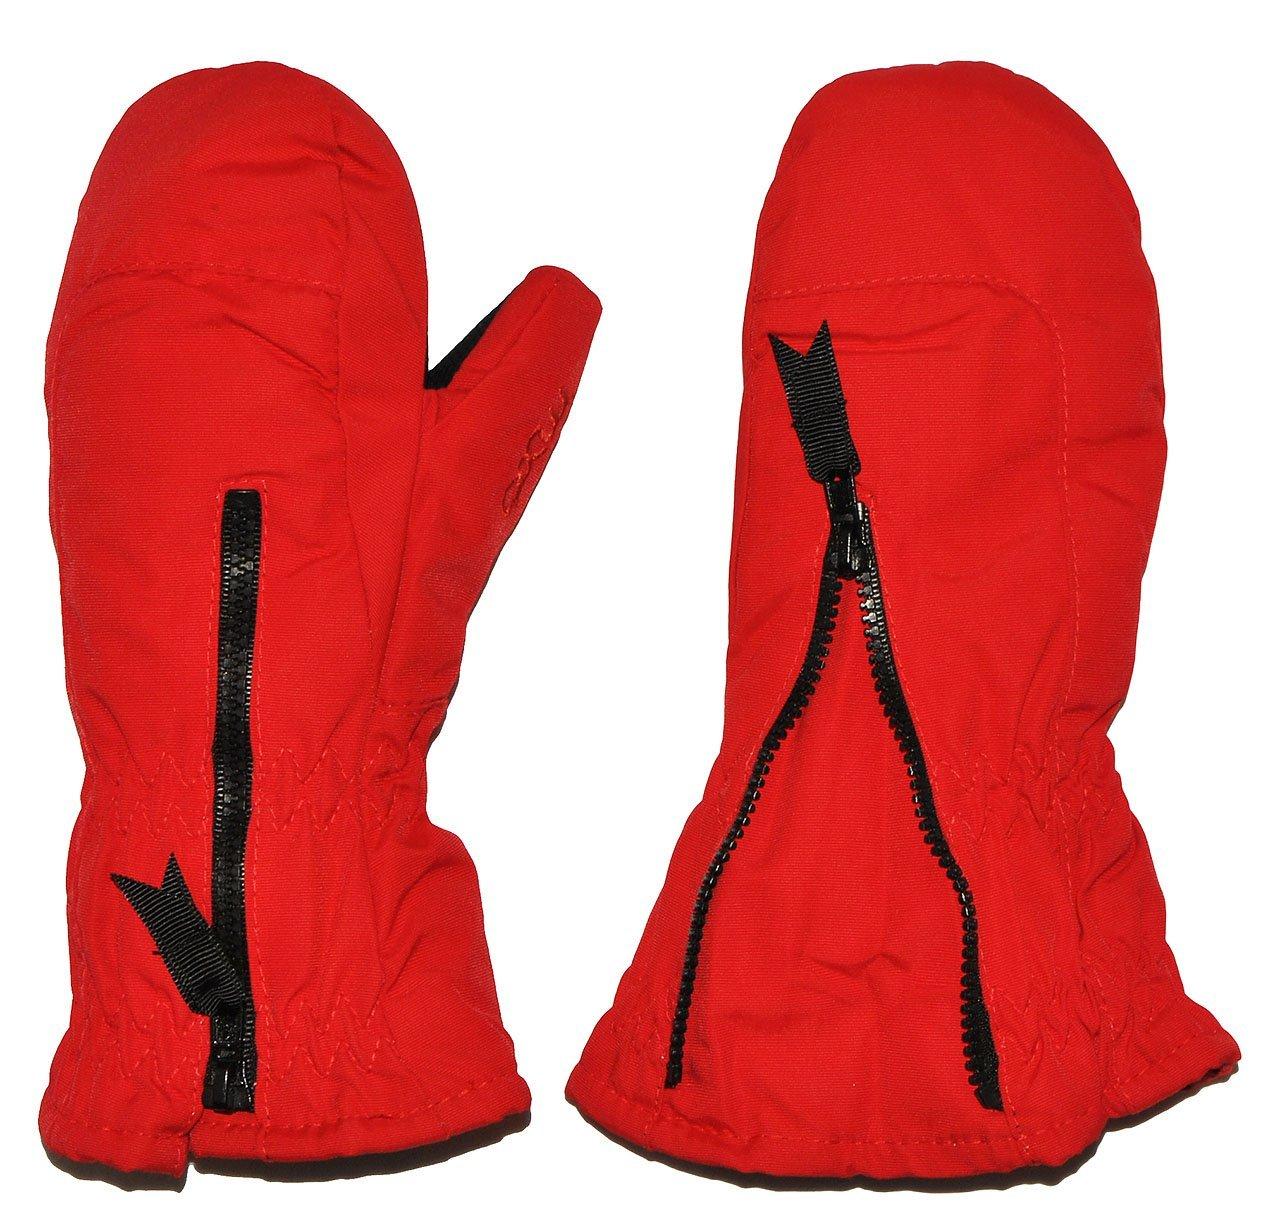 Unbekannt Fausthandschuhe - rot - mit langem Schaft - Größe: 1 bis 2 Jahre - Reißverschluß - leicht anzuziehen - Thermo gefüttert Thermohandschuh - Fausthandschuh H.. Kinder-Land